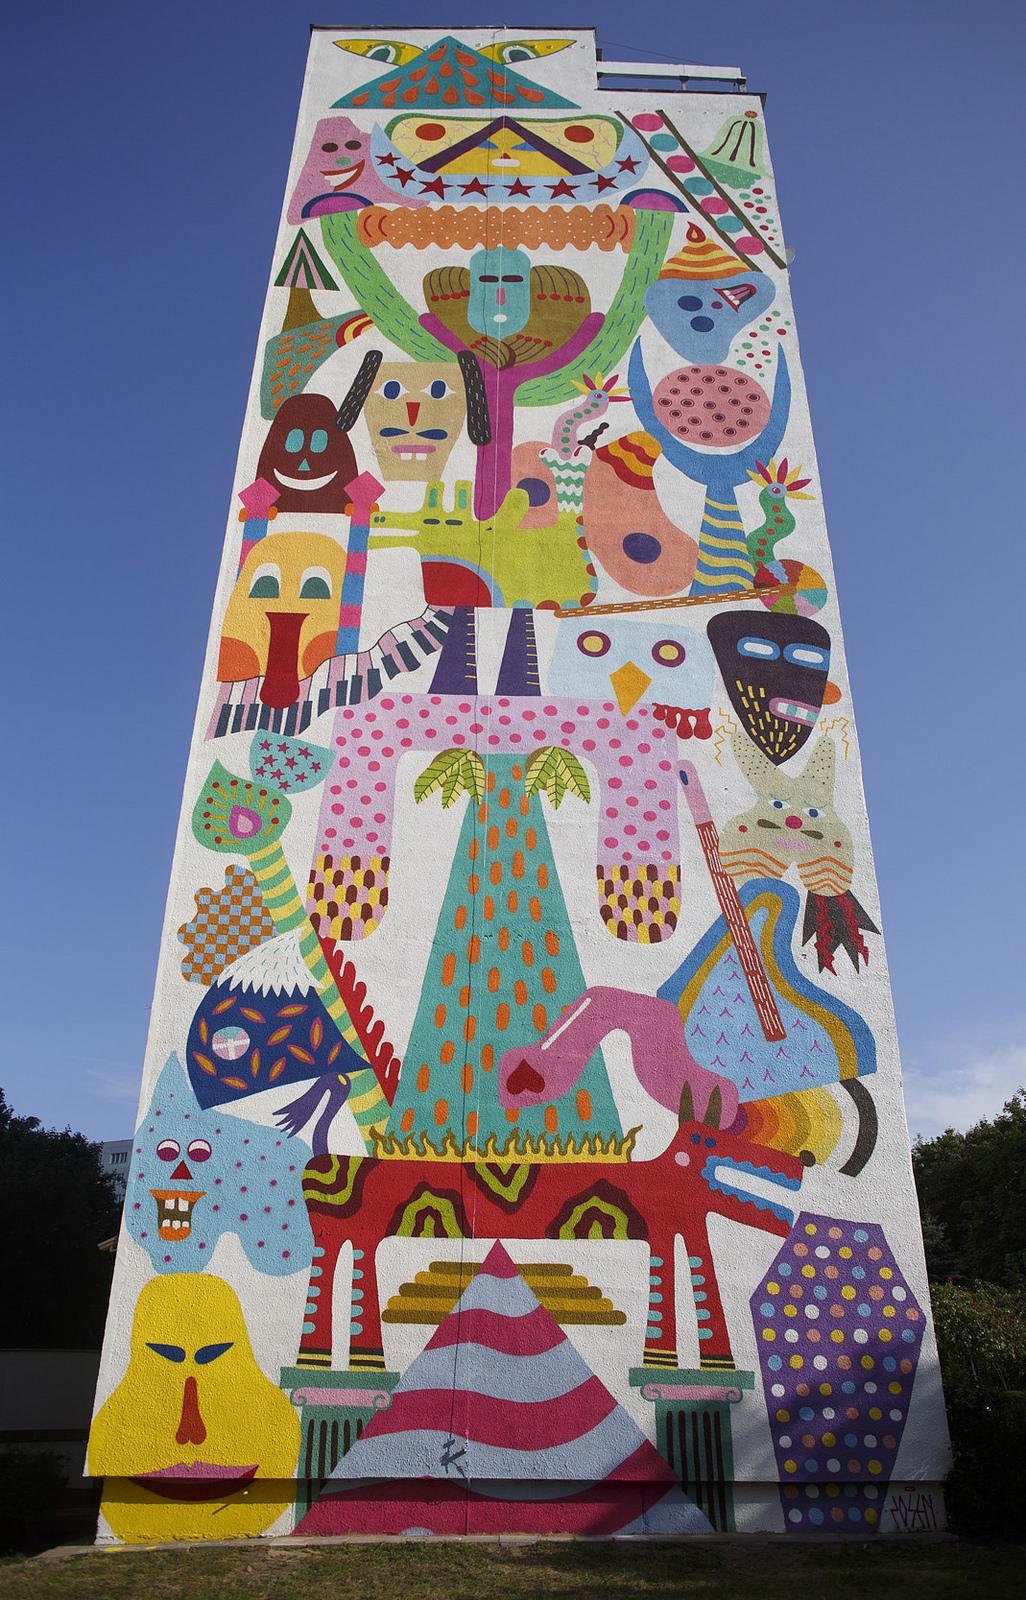 zosen-for-monumental-art-2014-01